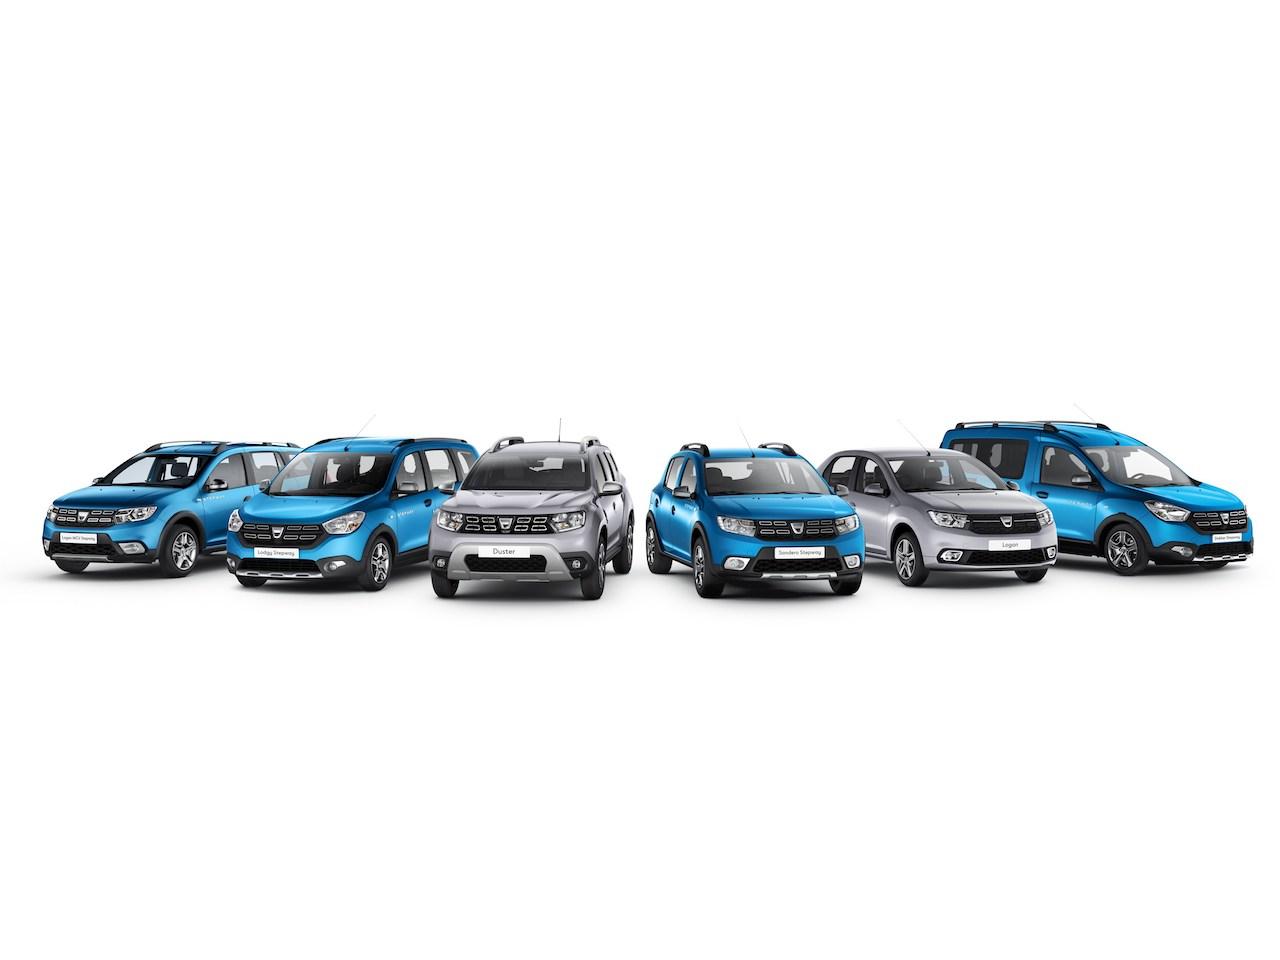 Bestu kaupin í Dacia samkvæmt Auto Trader